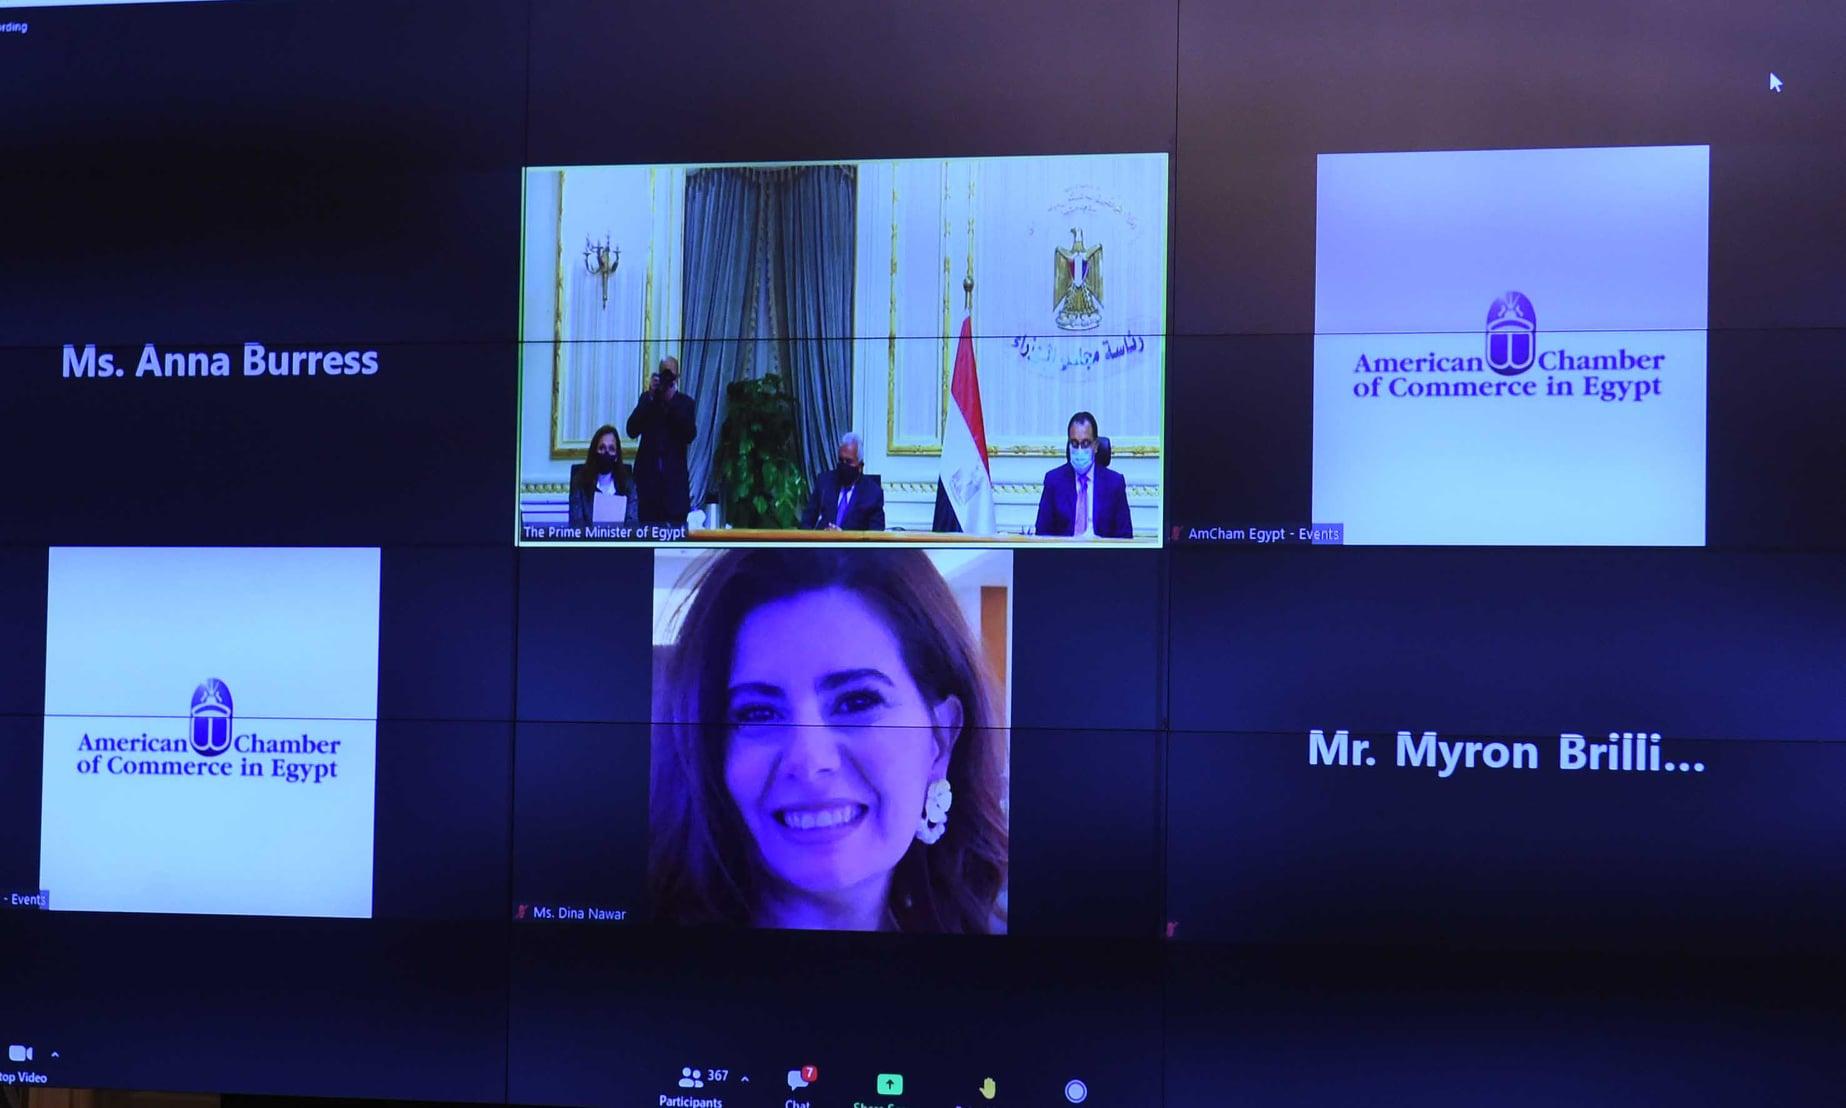 رئيس الوزراء - غرفة التجارة الأمريكية-3